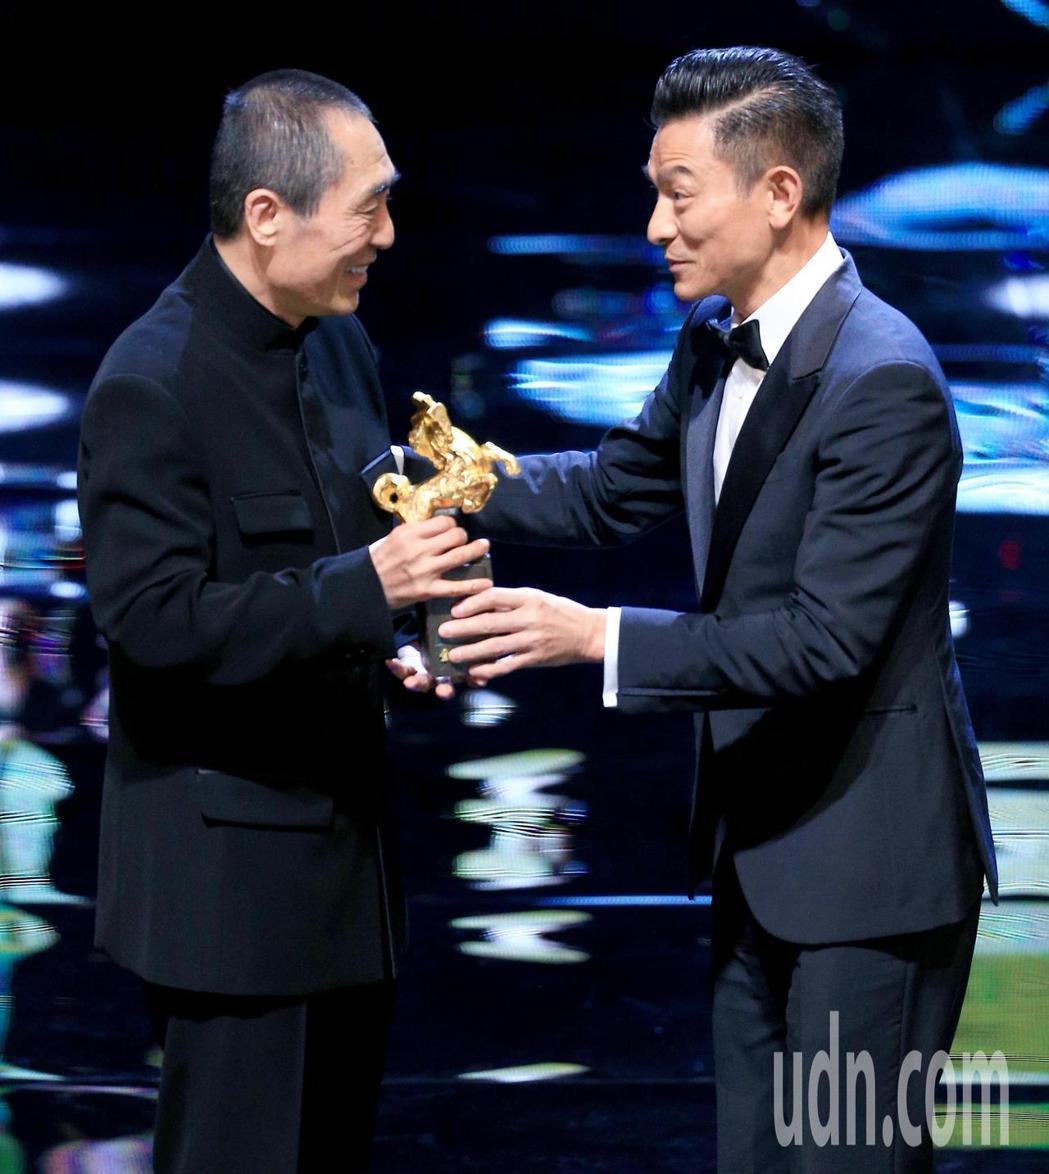 張藝謀從劉德華手上接過金馬獎最佳導演獎。記者/林伯東攝影